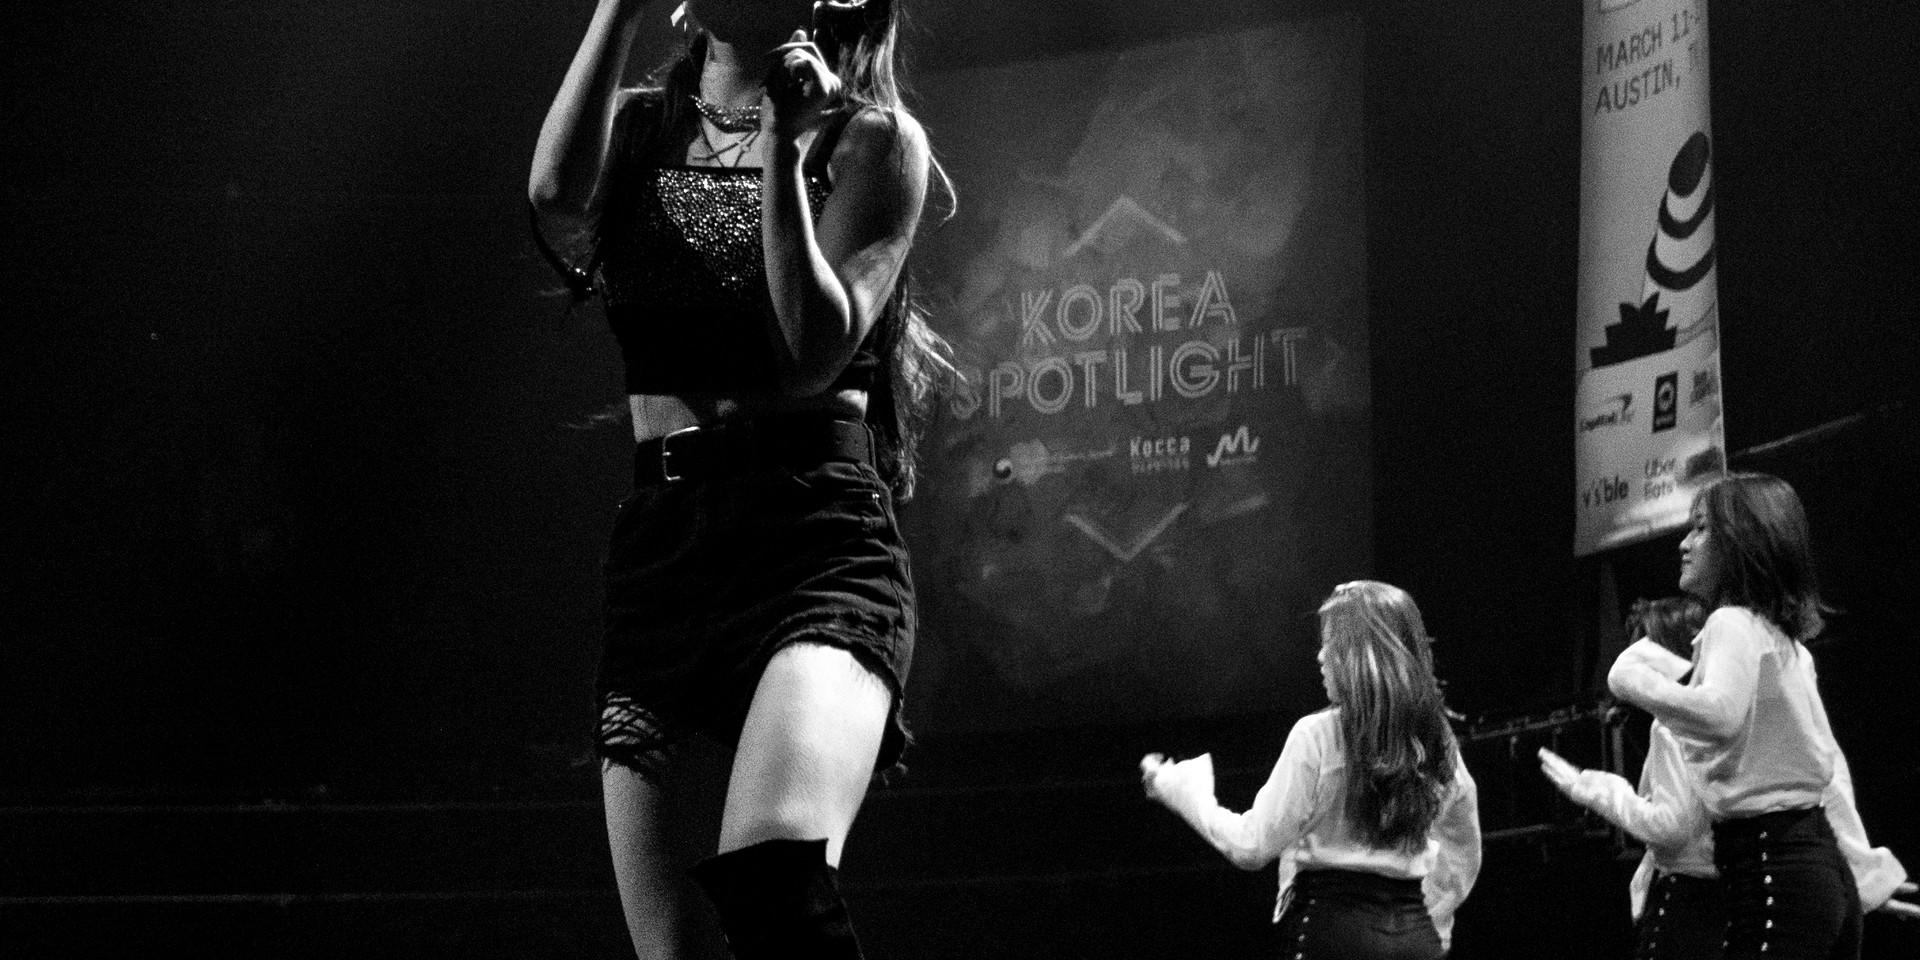 SXSW; Korea spotlight